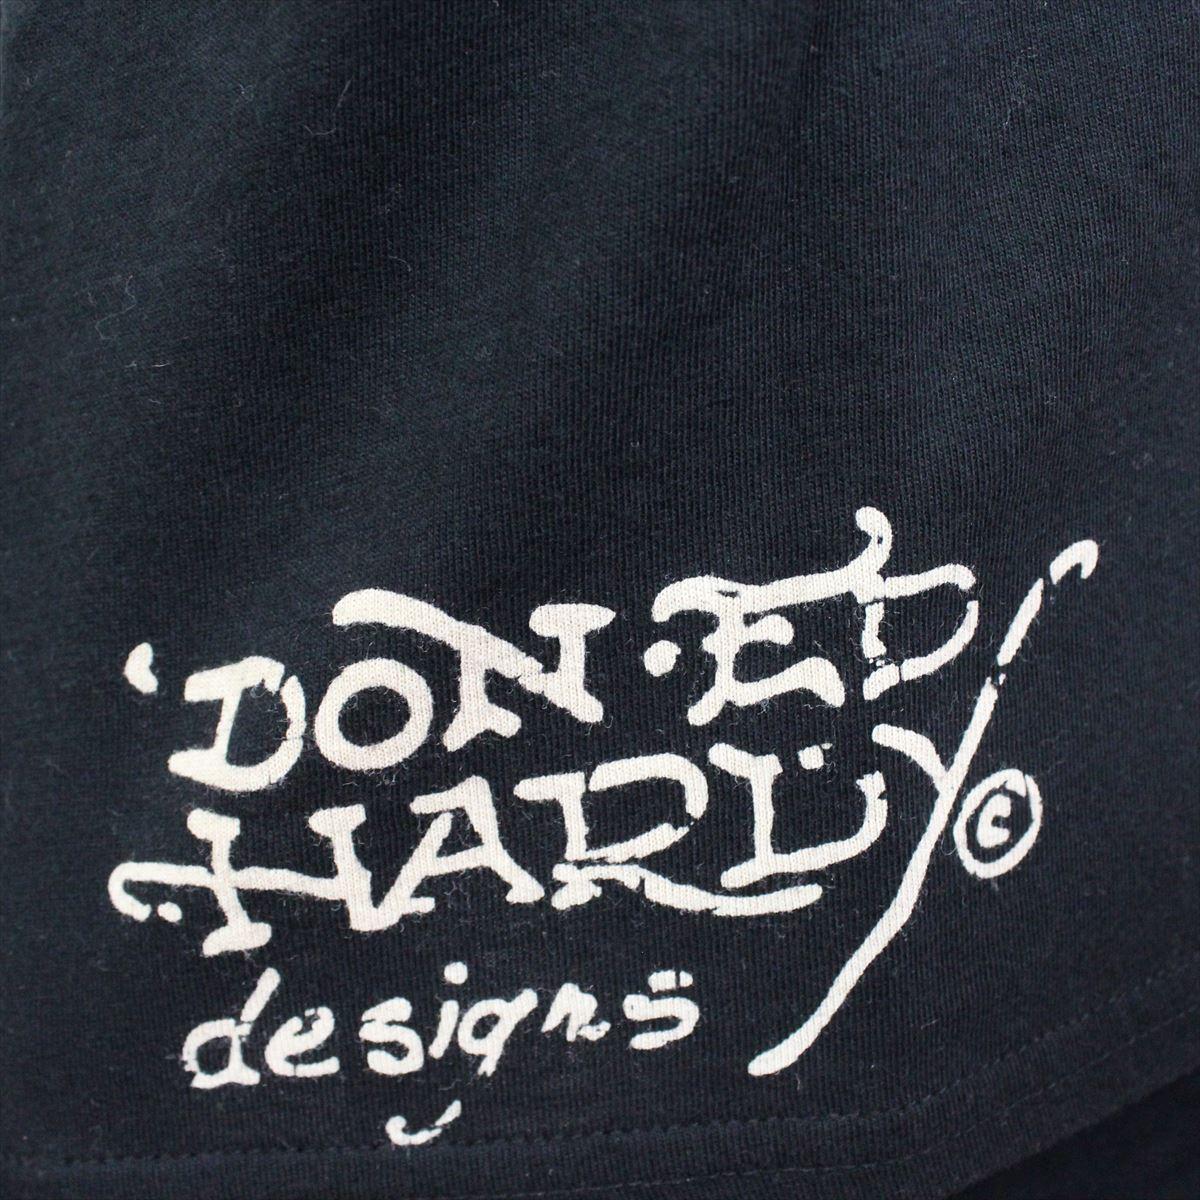 エドハーディー ED HARDY メンズ半袖Tシャツ ブラック Mサイズ NO18 新品 NEW YORK CITY_画像5